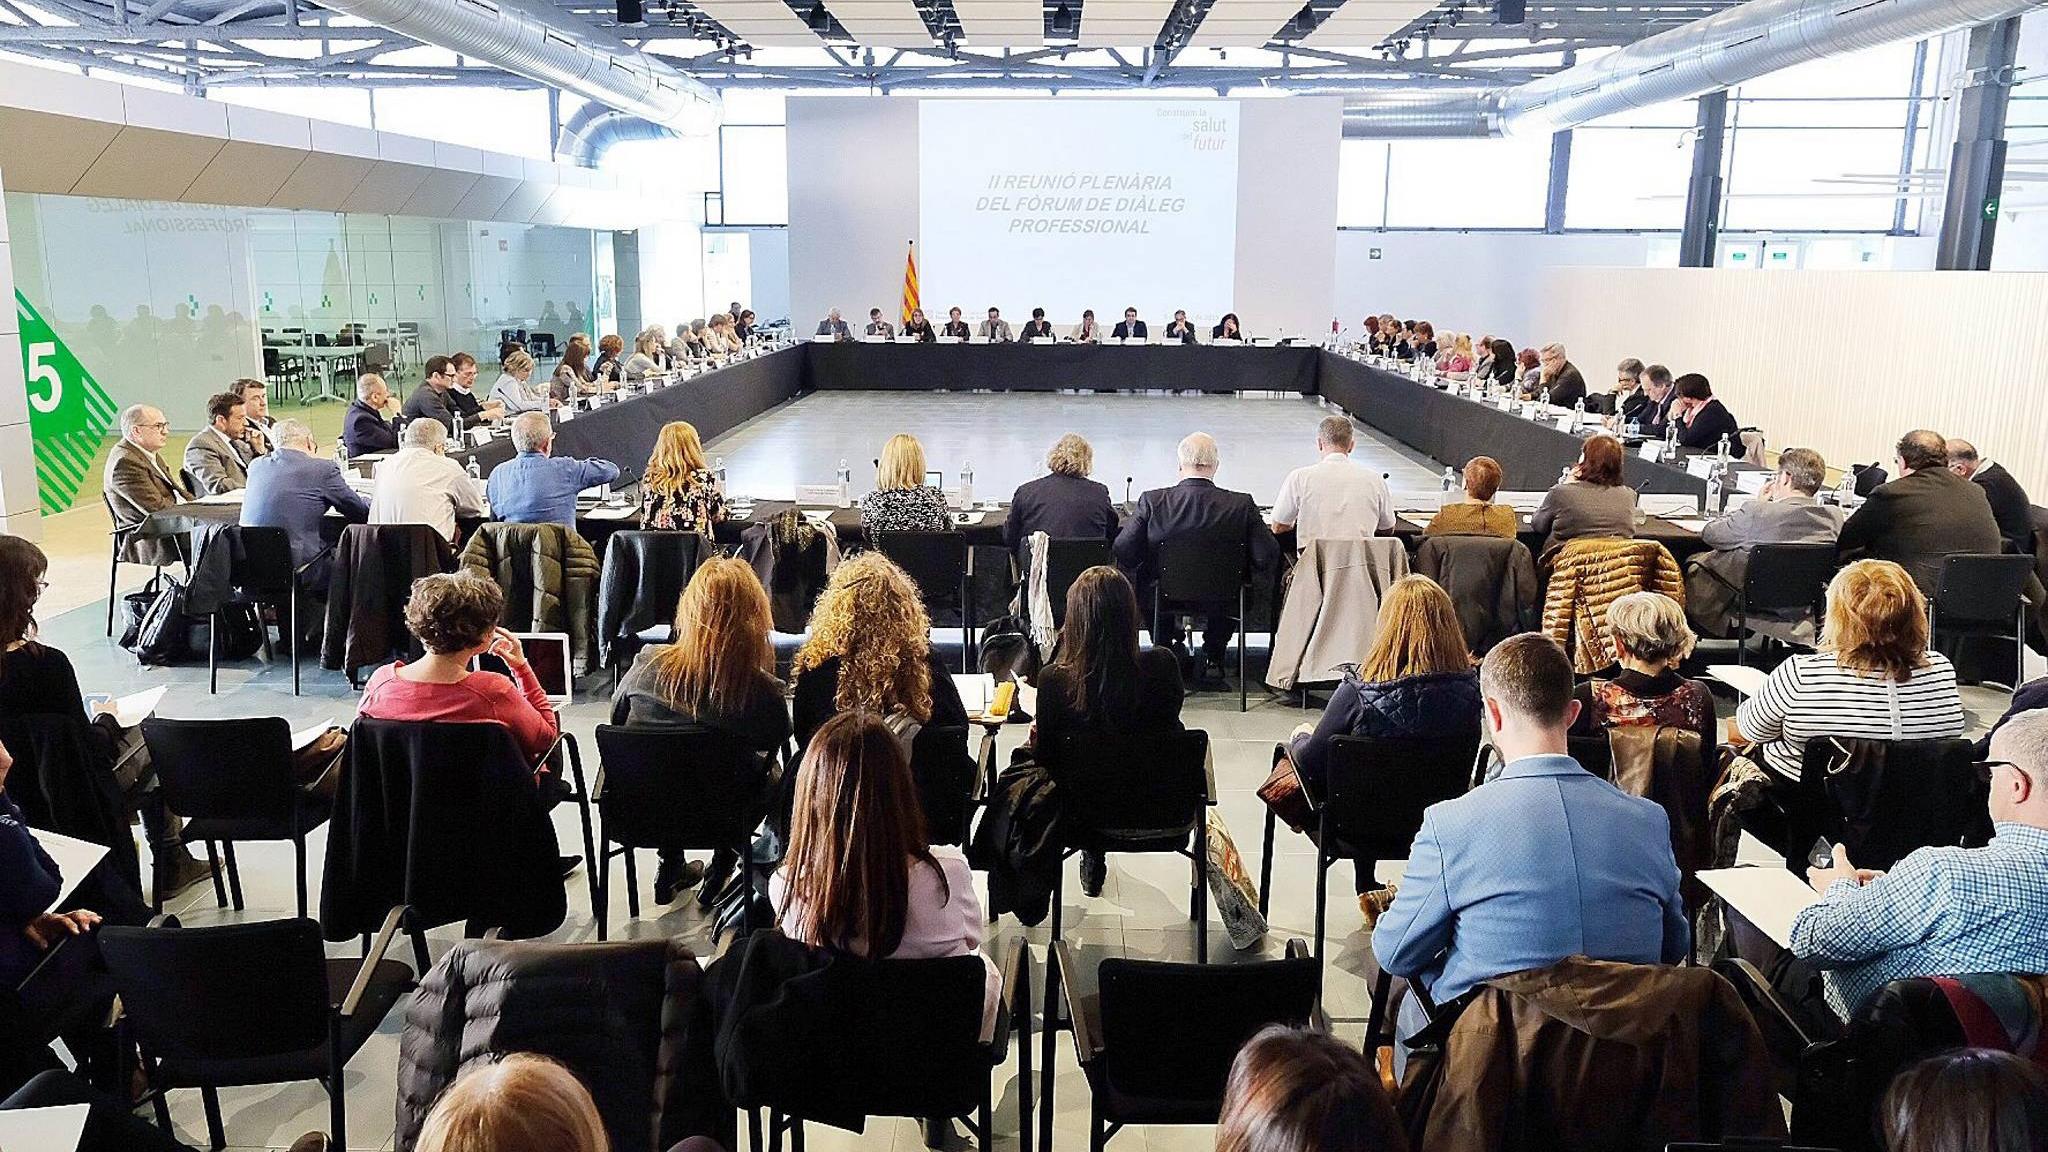 Segunda reunión del Foro de Diálogo profesional de Cataluña, este martes.